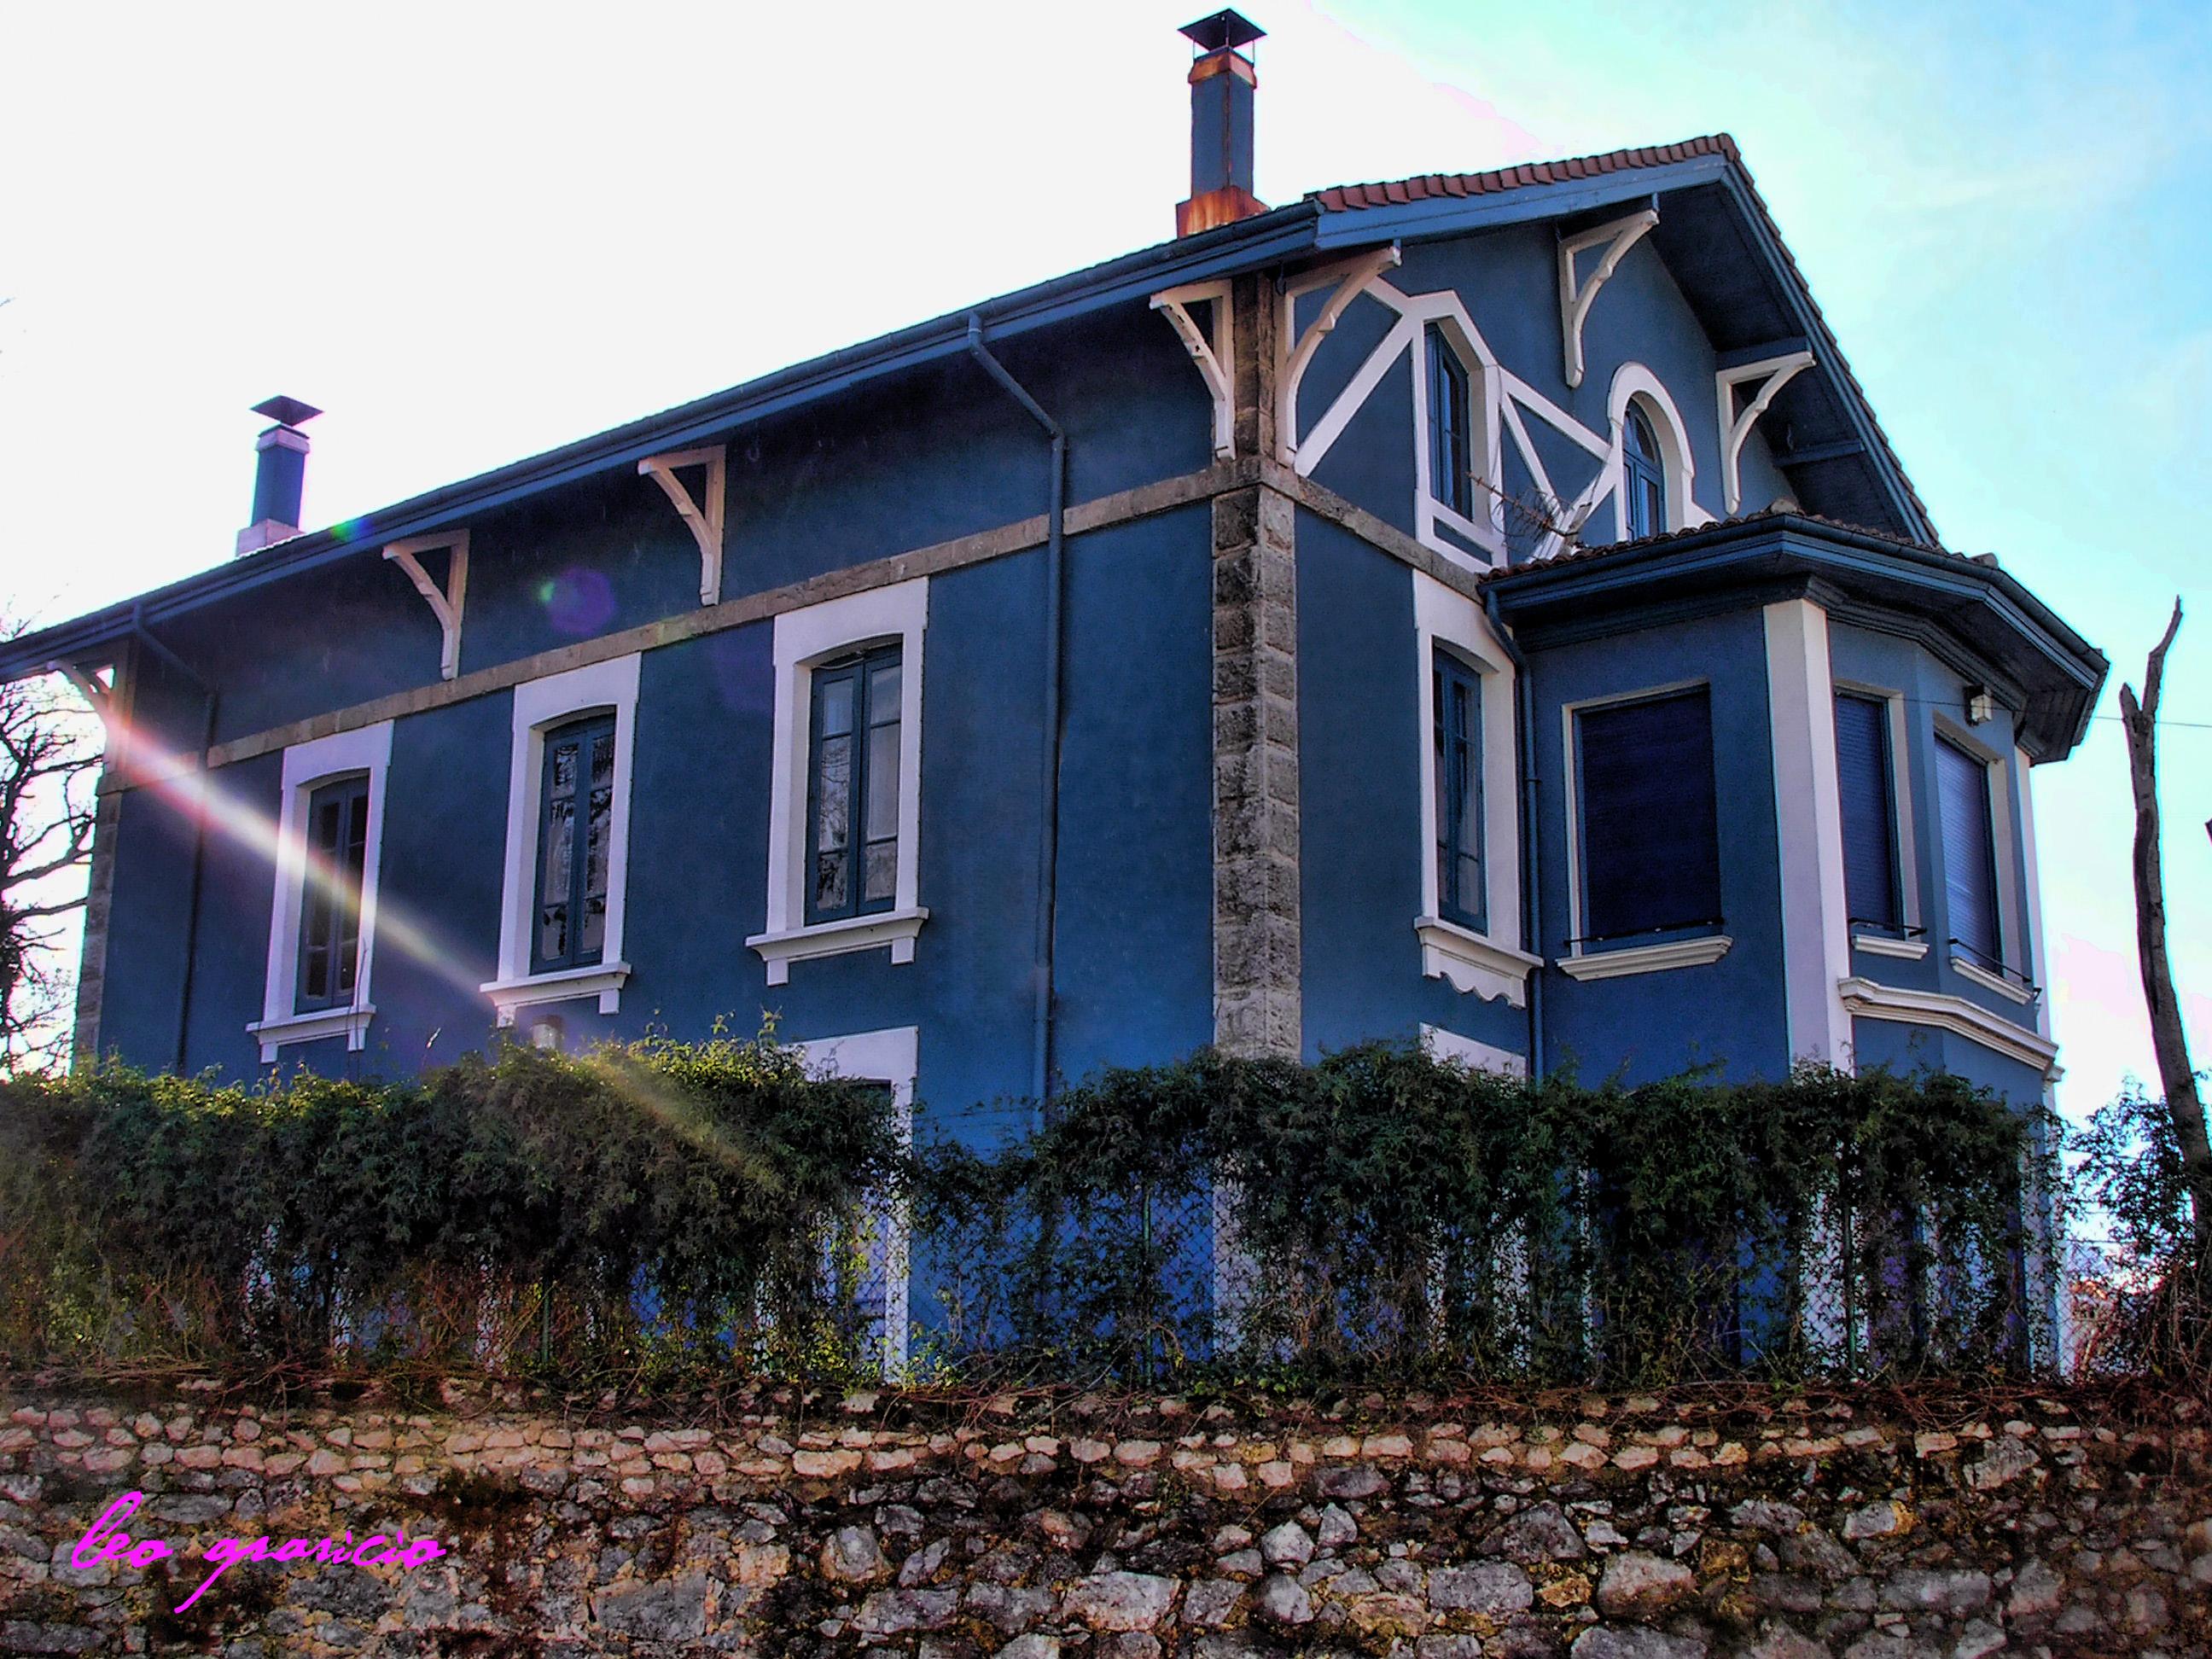 Casa fotos de pueblos de cantabria for Casas de pueblo en cantabria